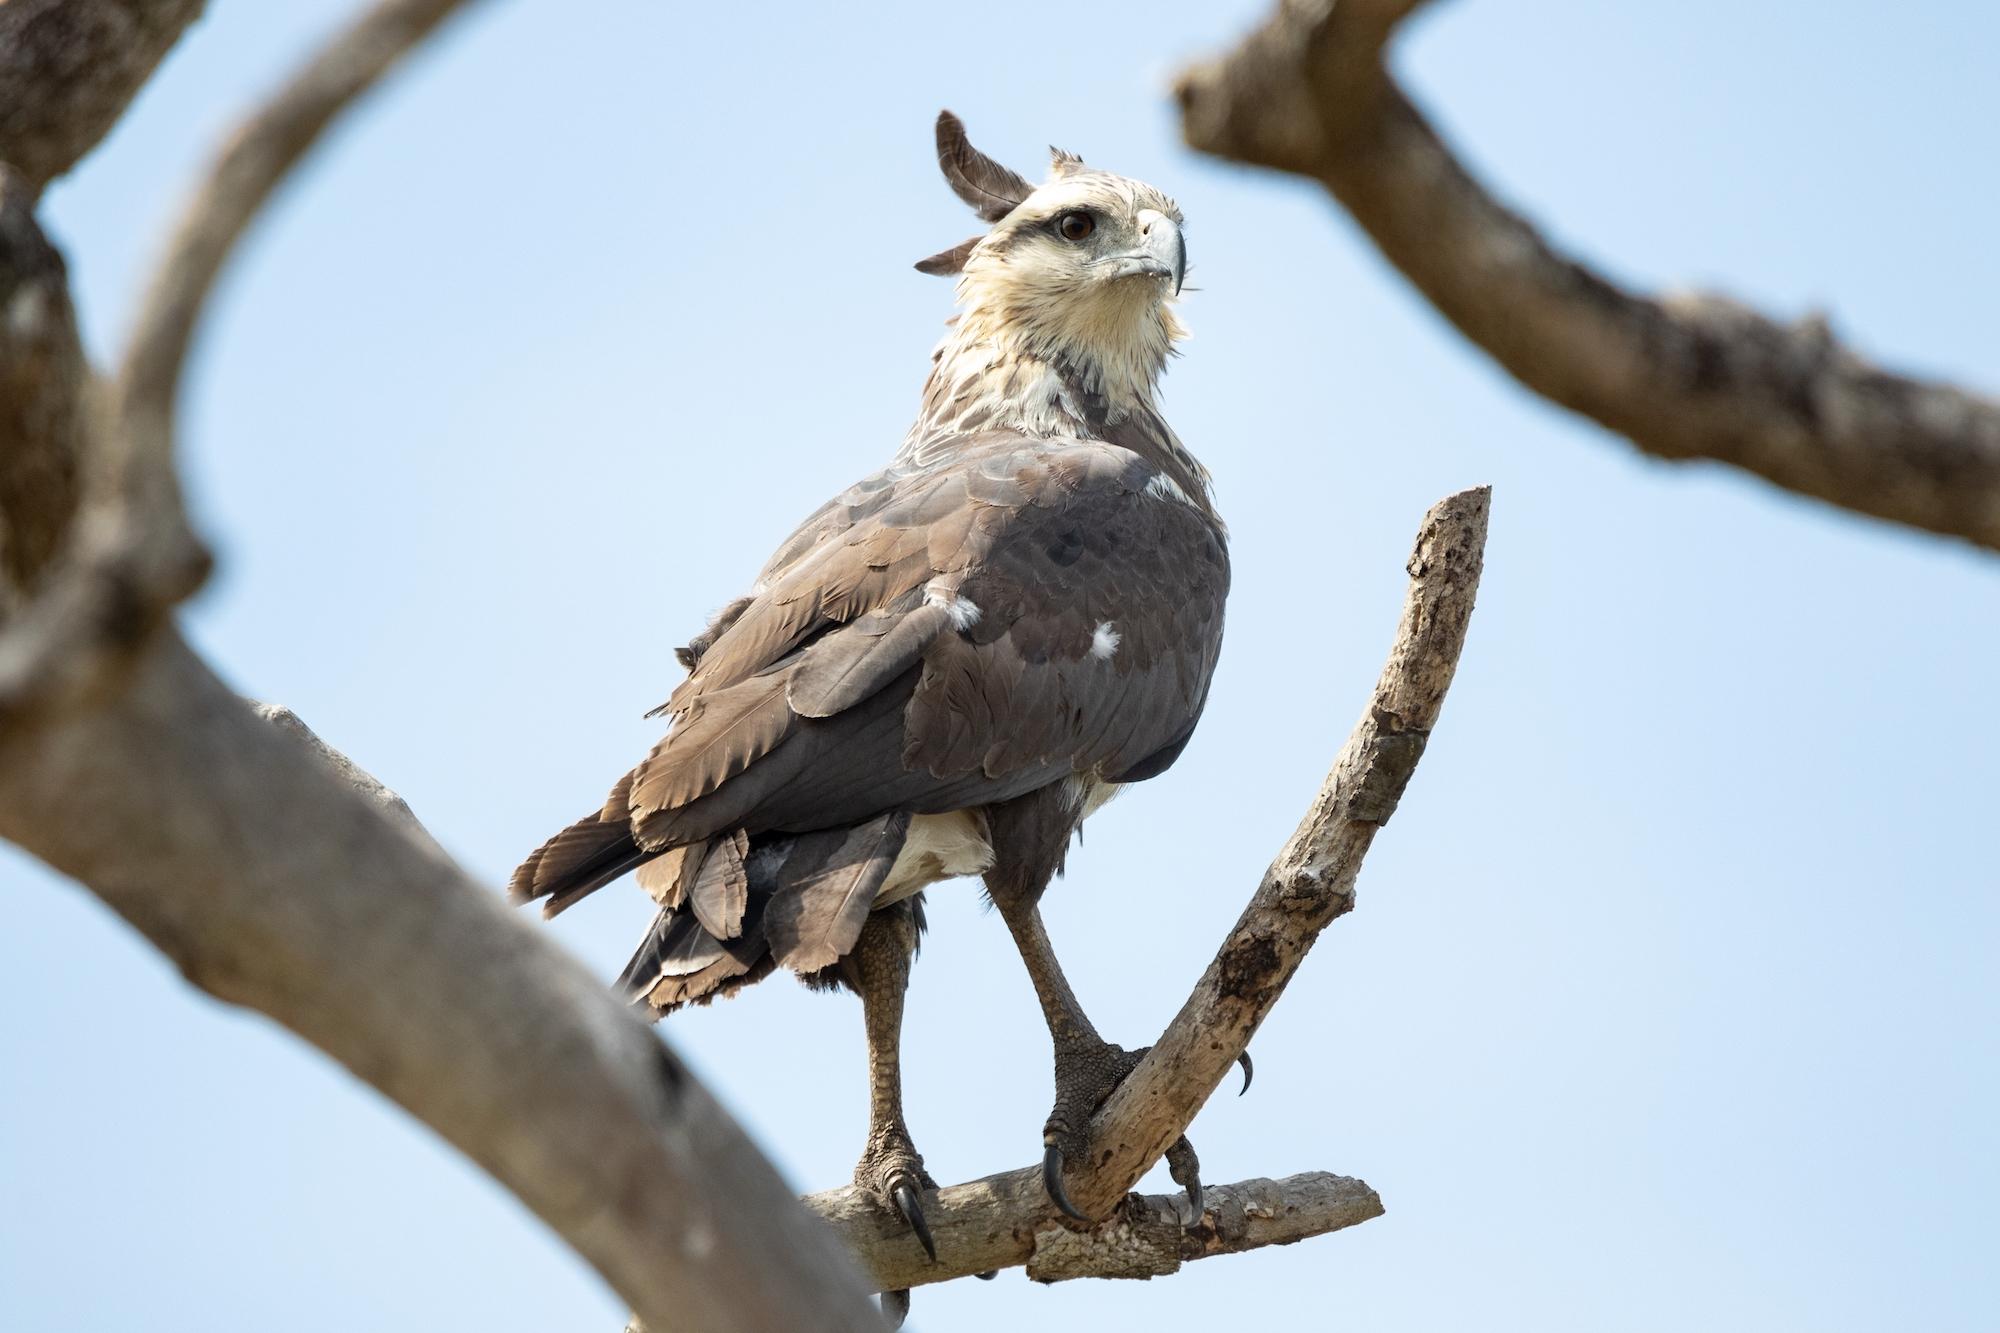 El águila coronada es una especie en peligro de extinción. Aquí un individuo en la Estancia Ecoturística Campamento, en el departamento del Beni. Foto: Fundación para la Conservación de los Loros en Bolivia.